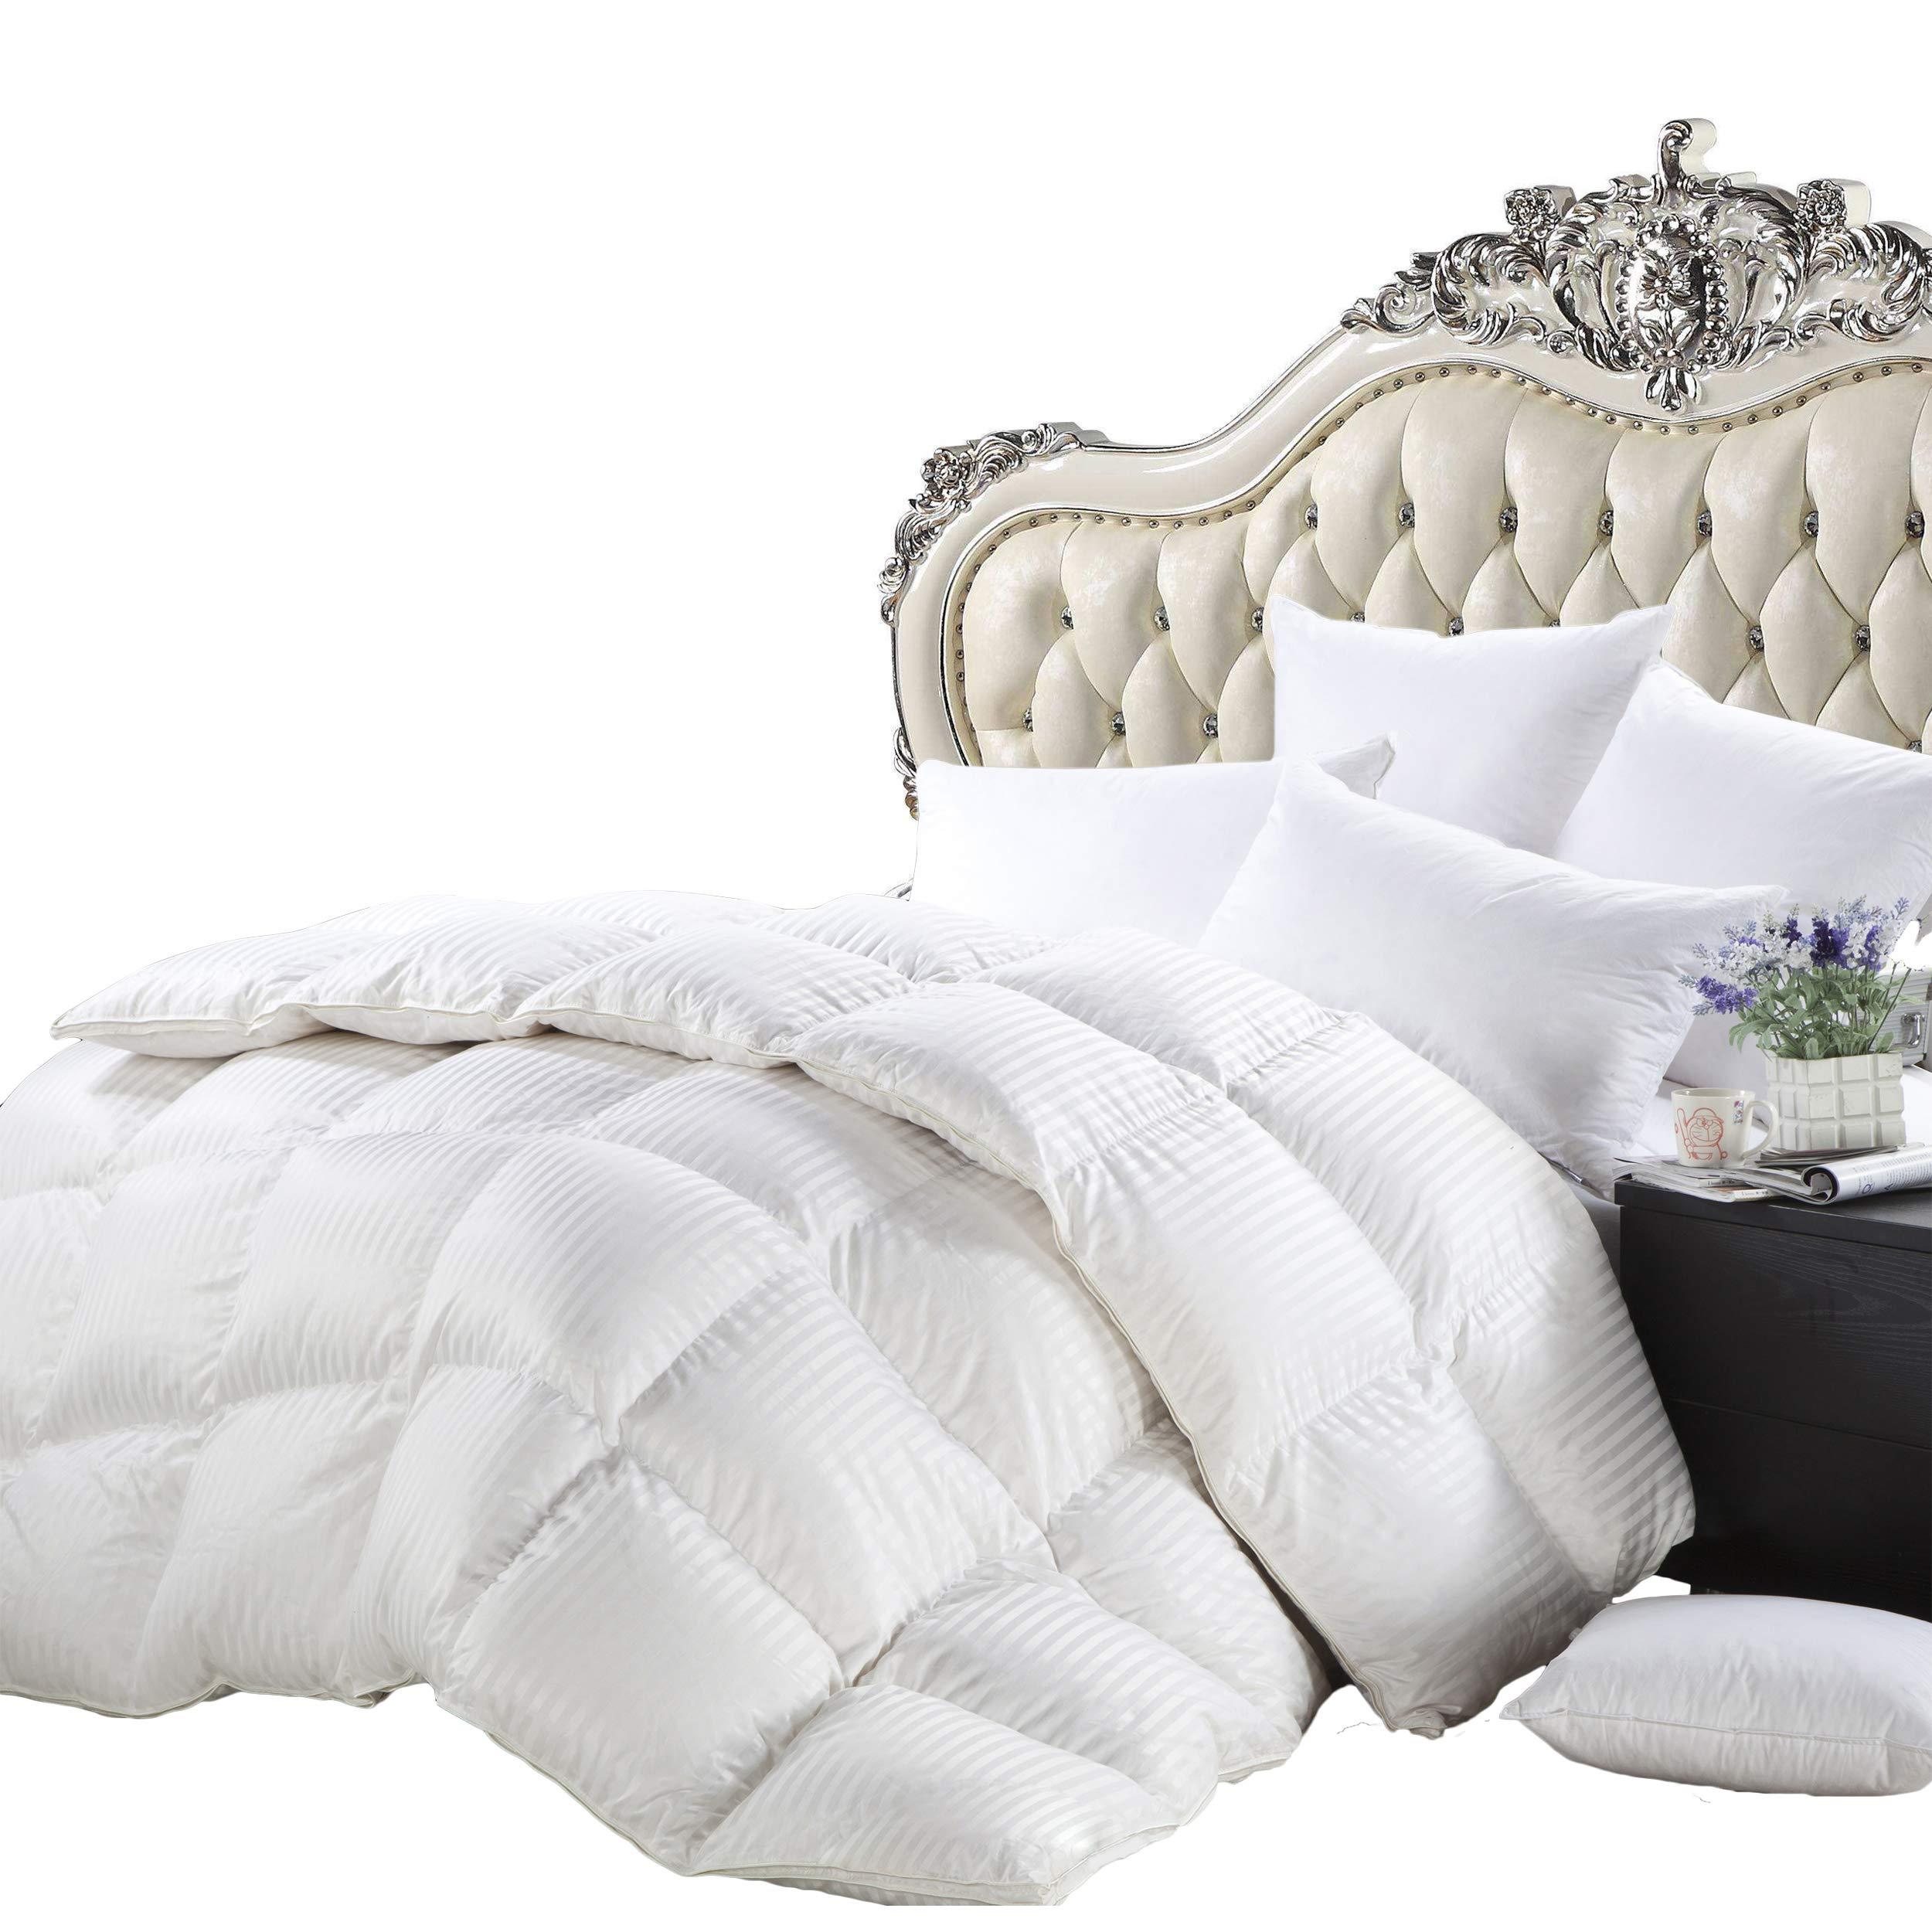 Best rated in bedding duvets down comforters helpful for Queen pellet